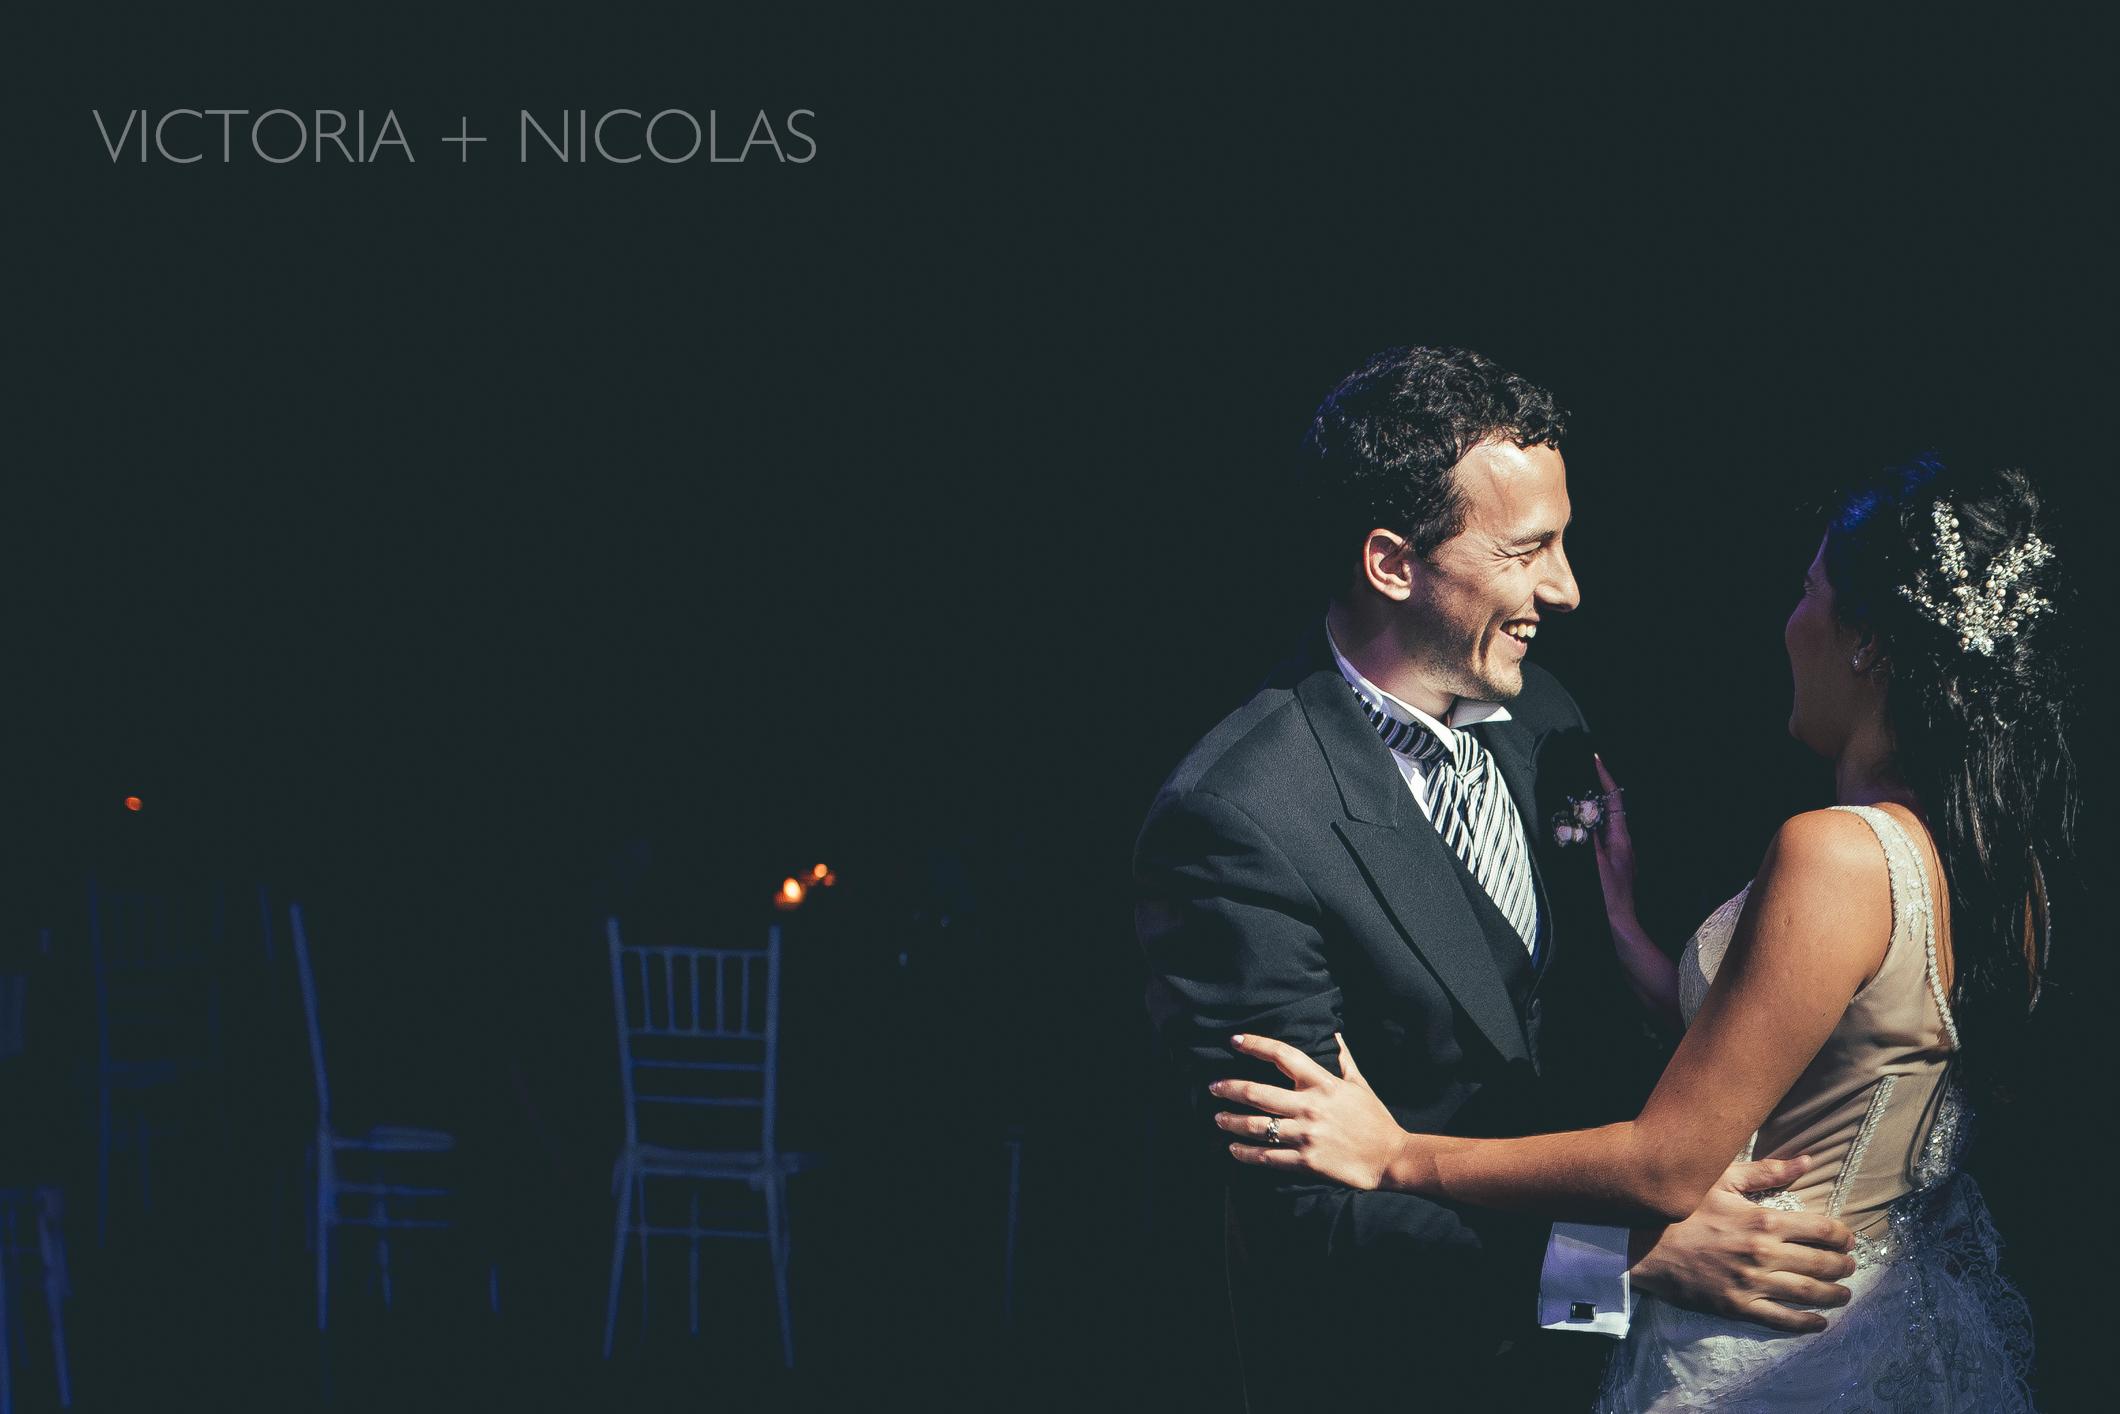 VICTORIA + NICOLAS